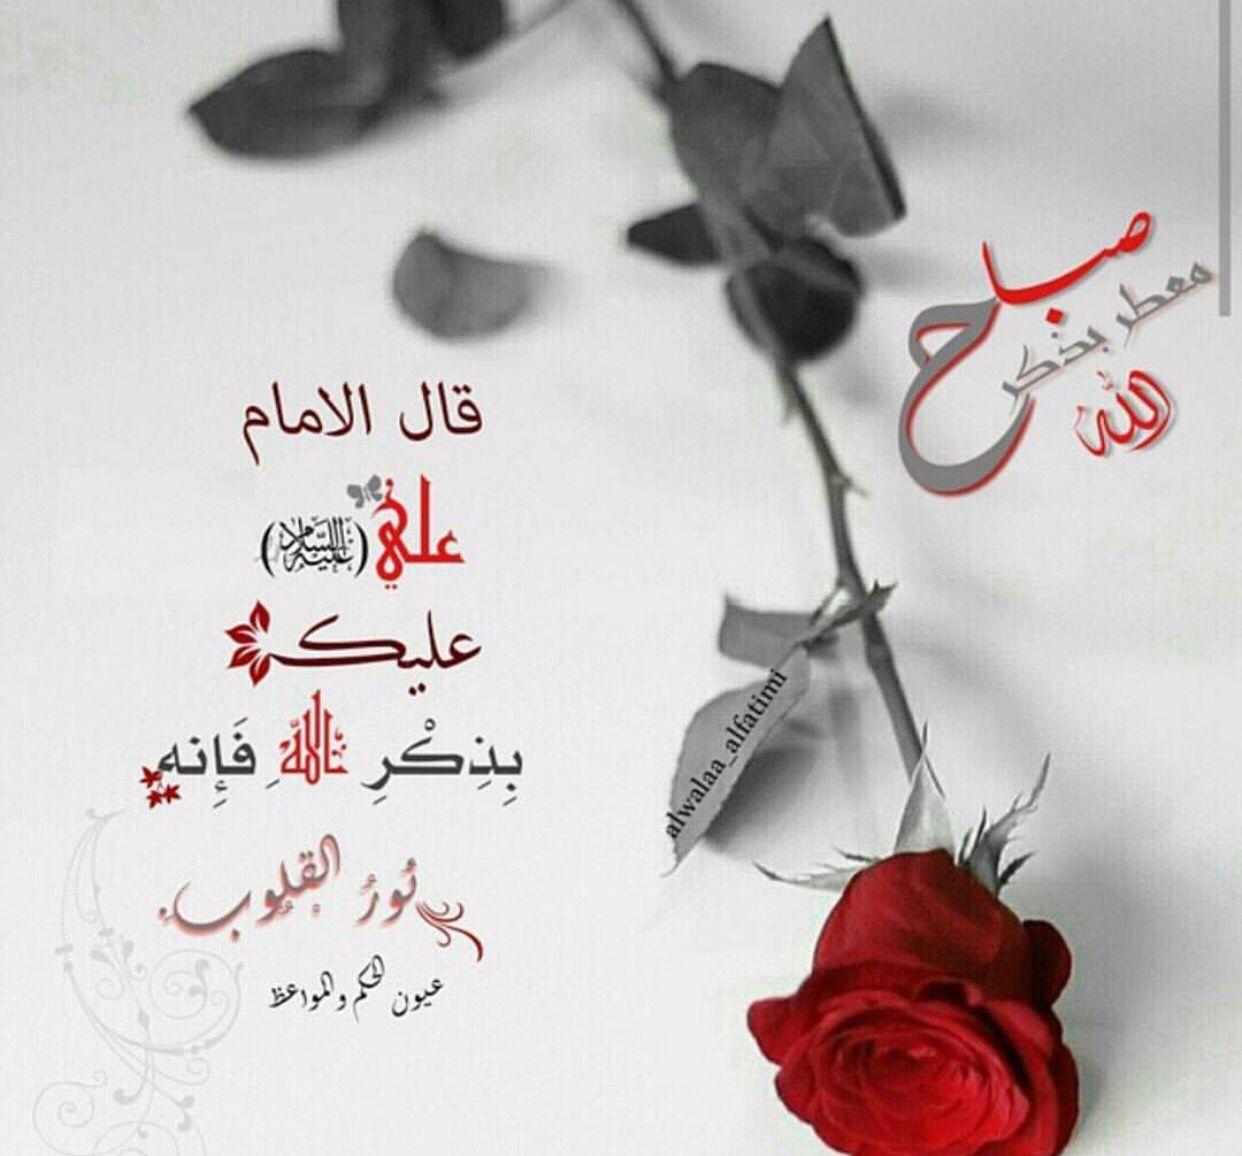 صباح معطر بذكر الله Instagram Posts Instagram Instagram Photo